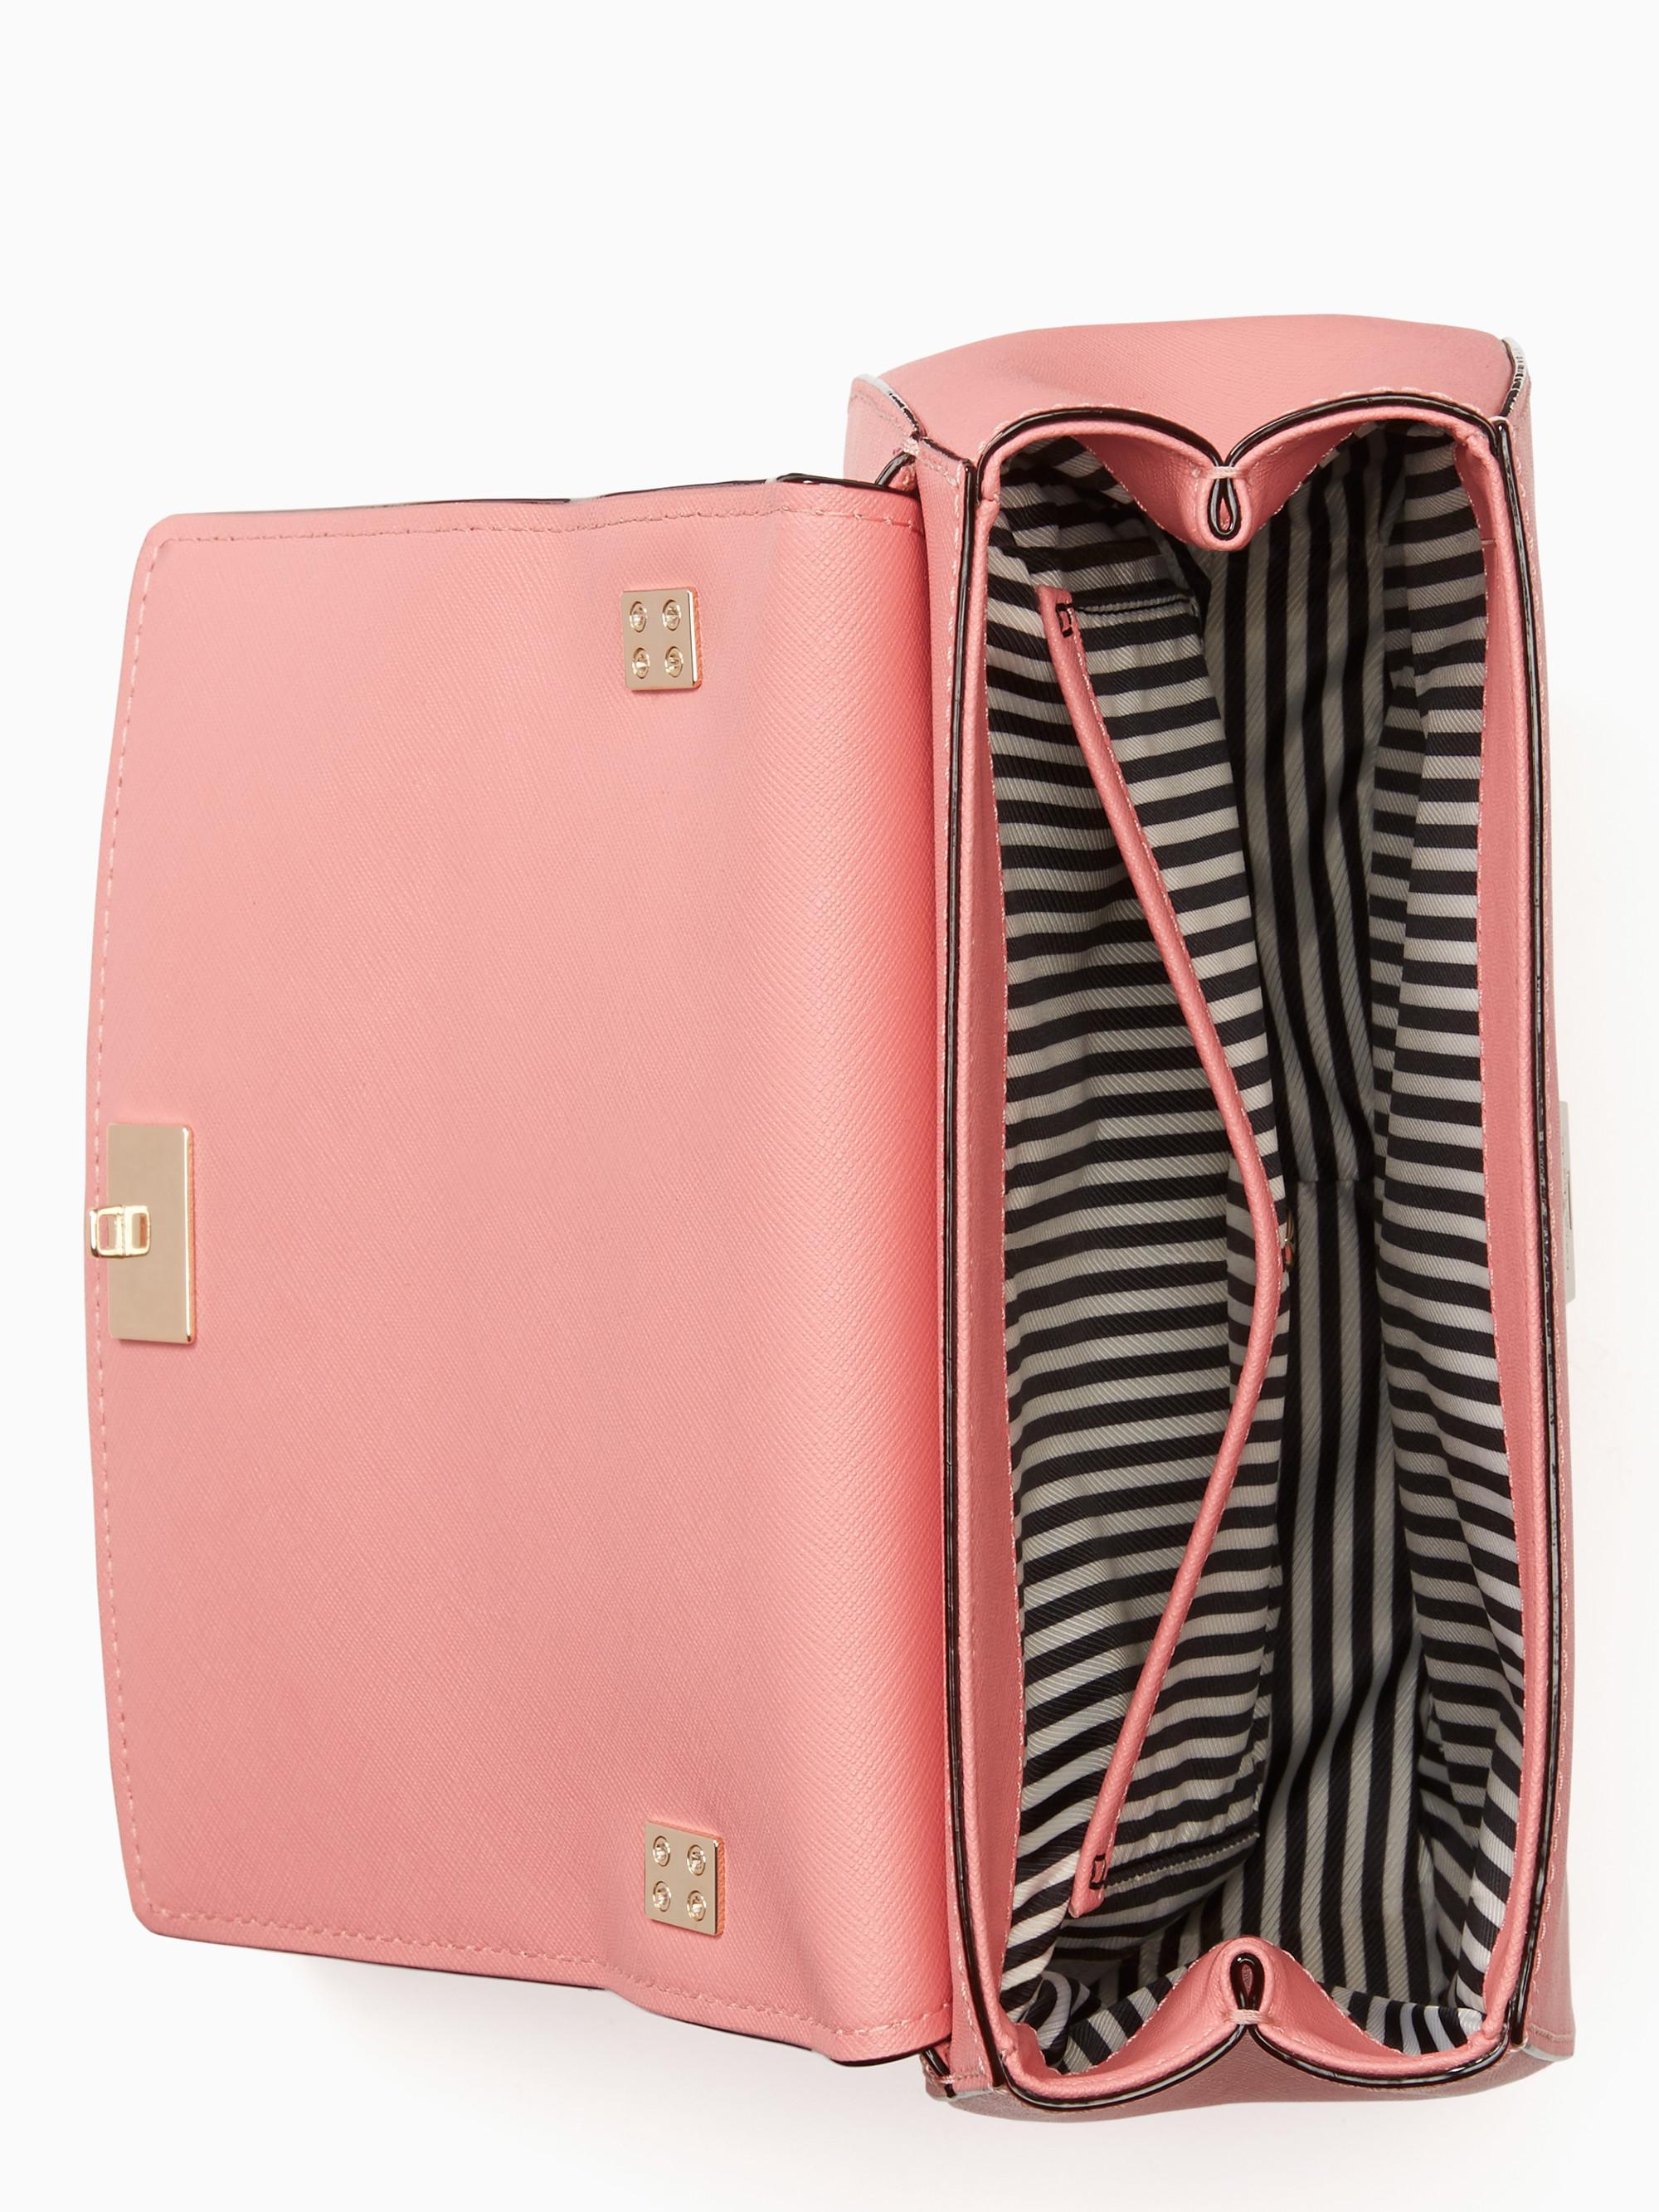 lyst kate spade new york cameron street byrdie in pink